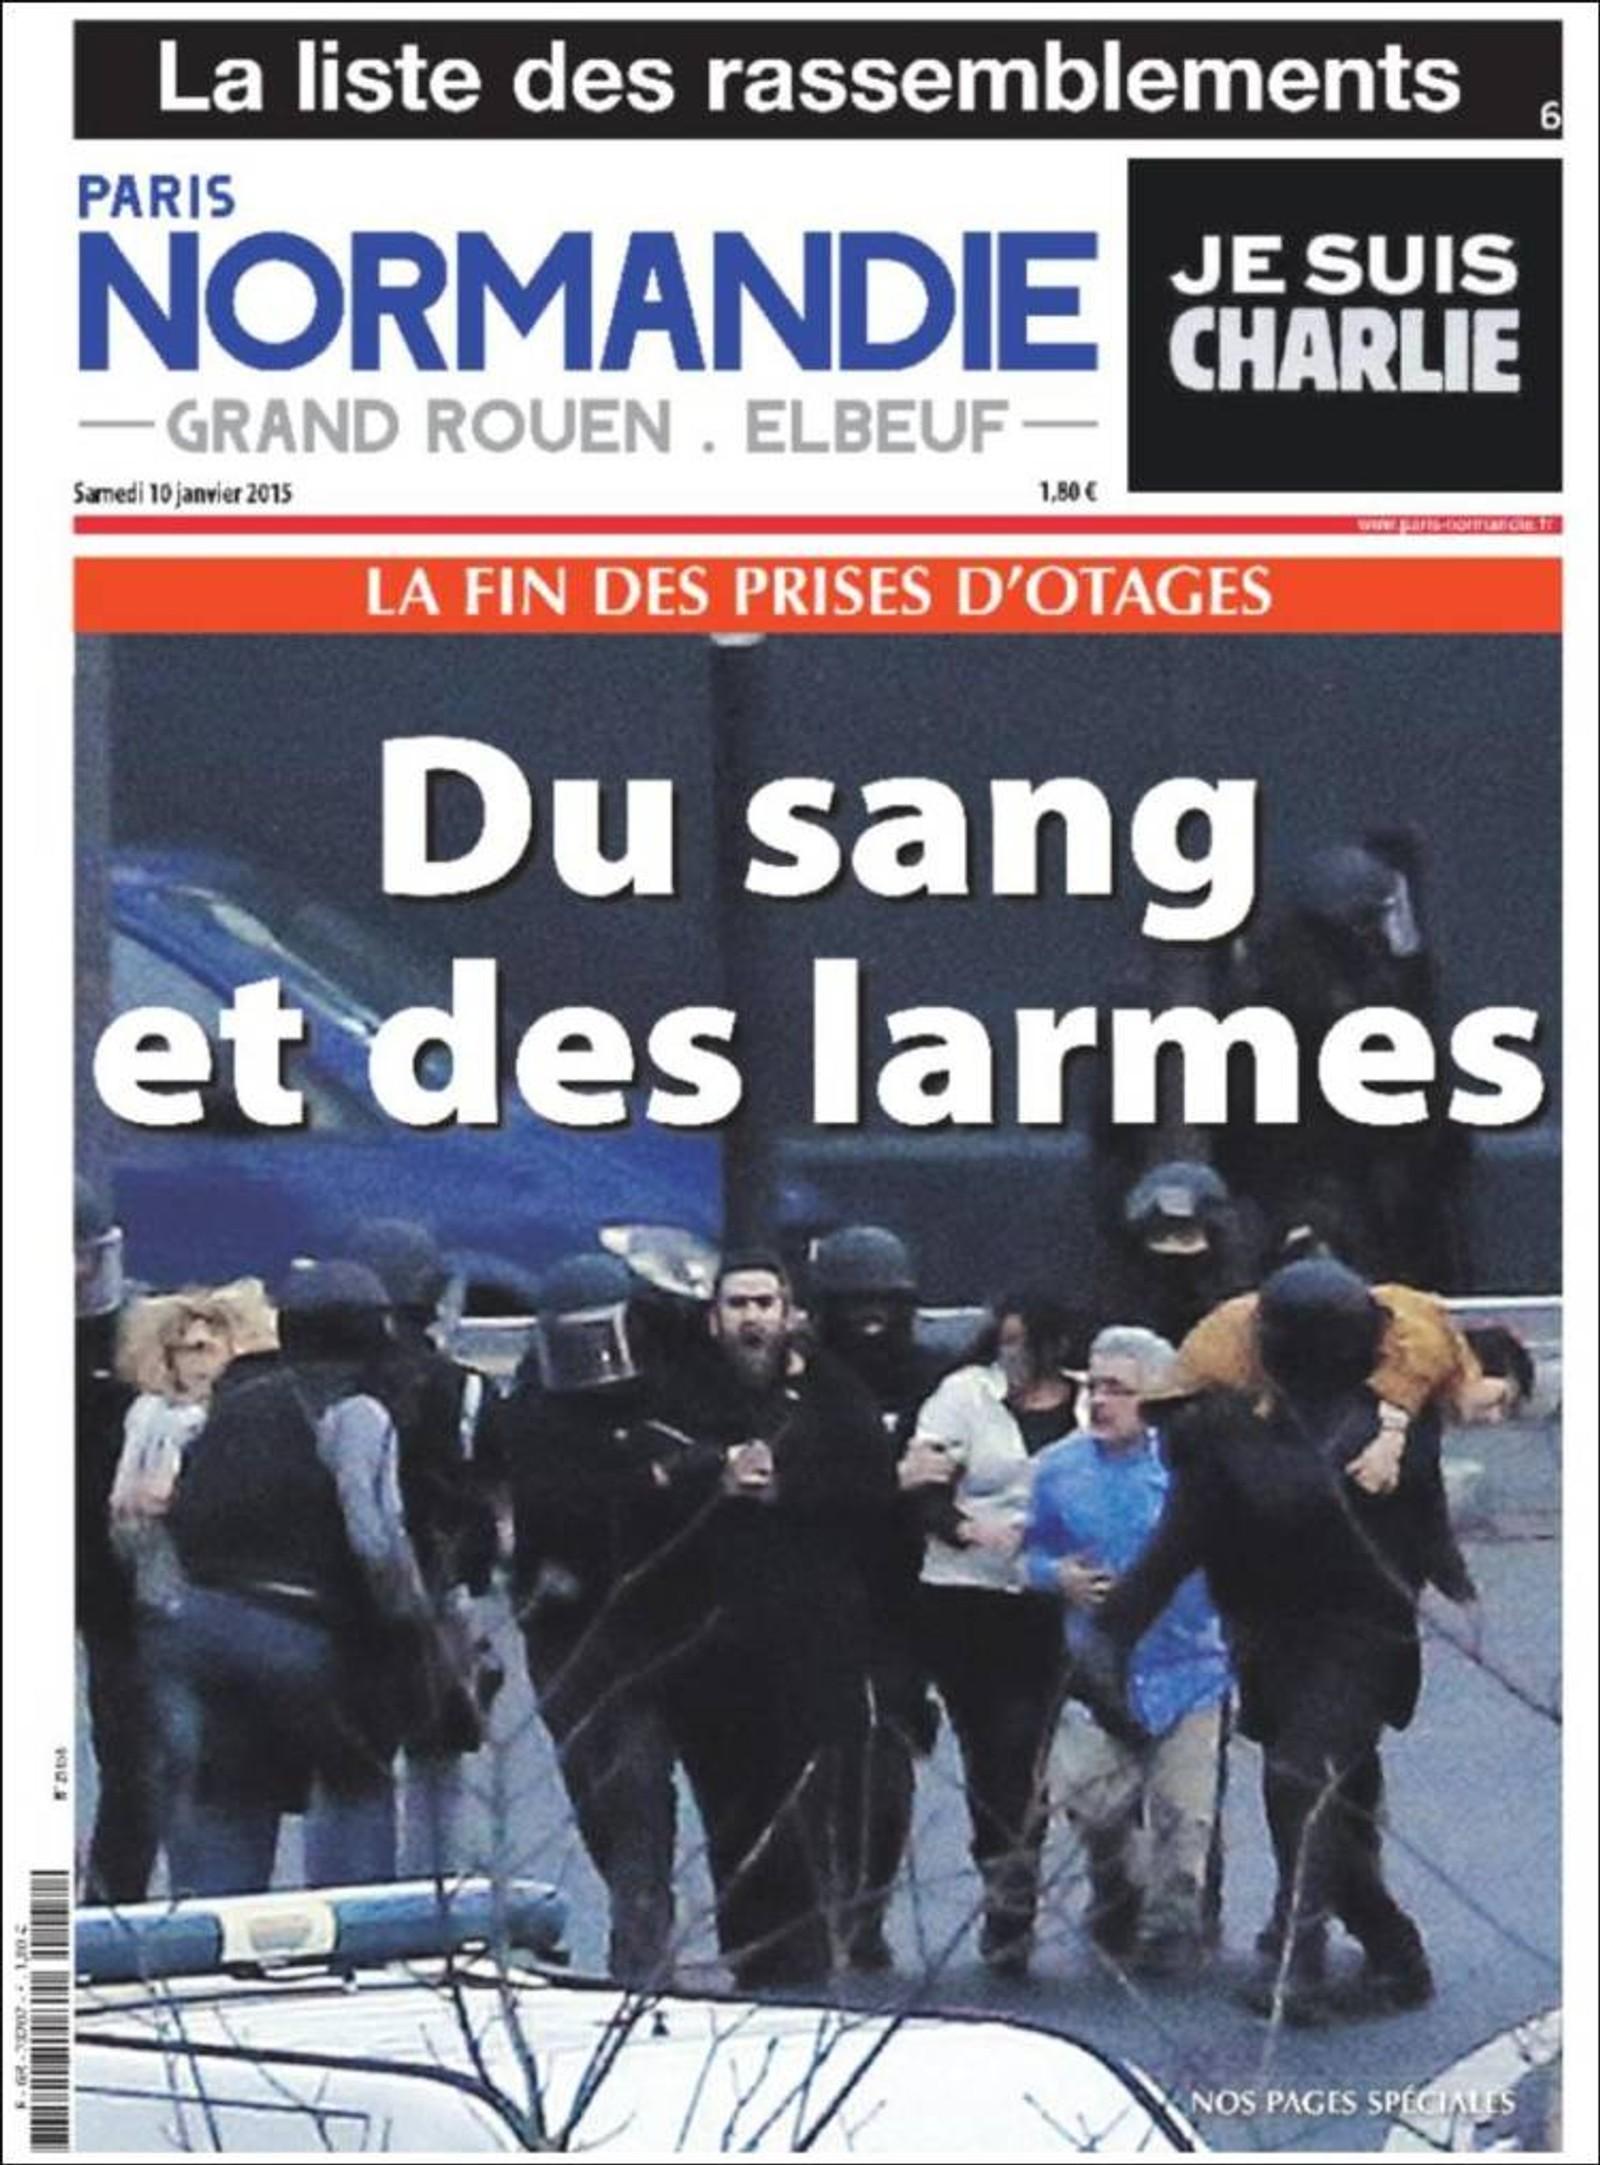 Paris Normandie: Av blod og tårer.